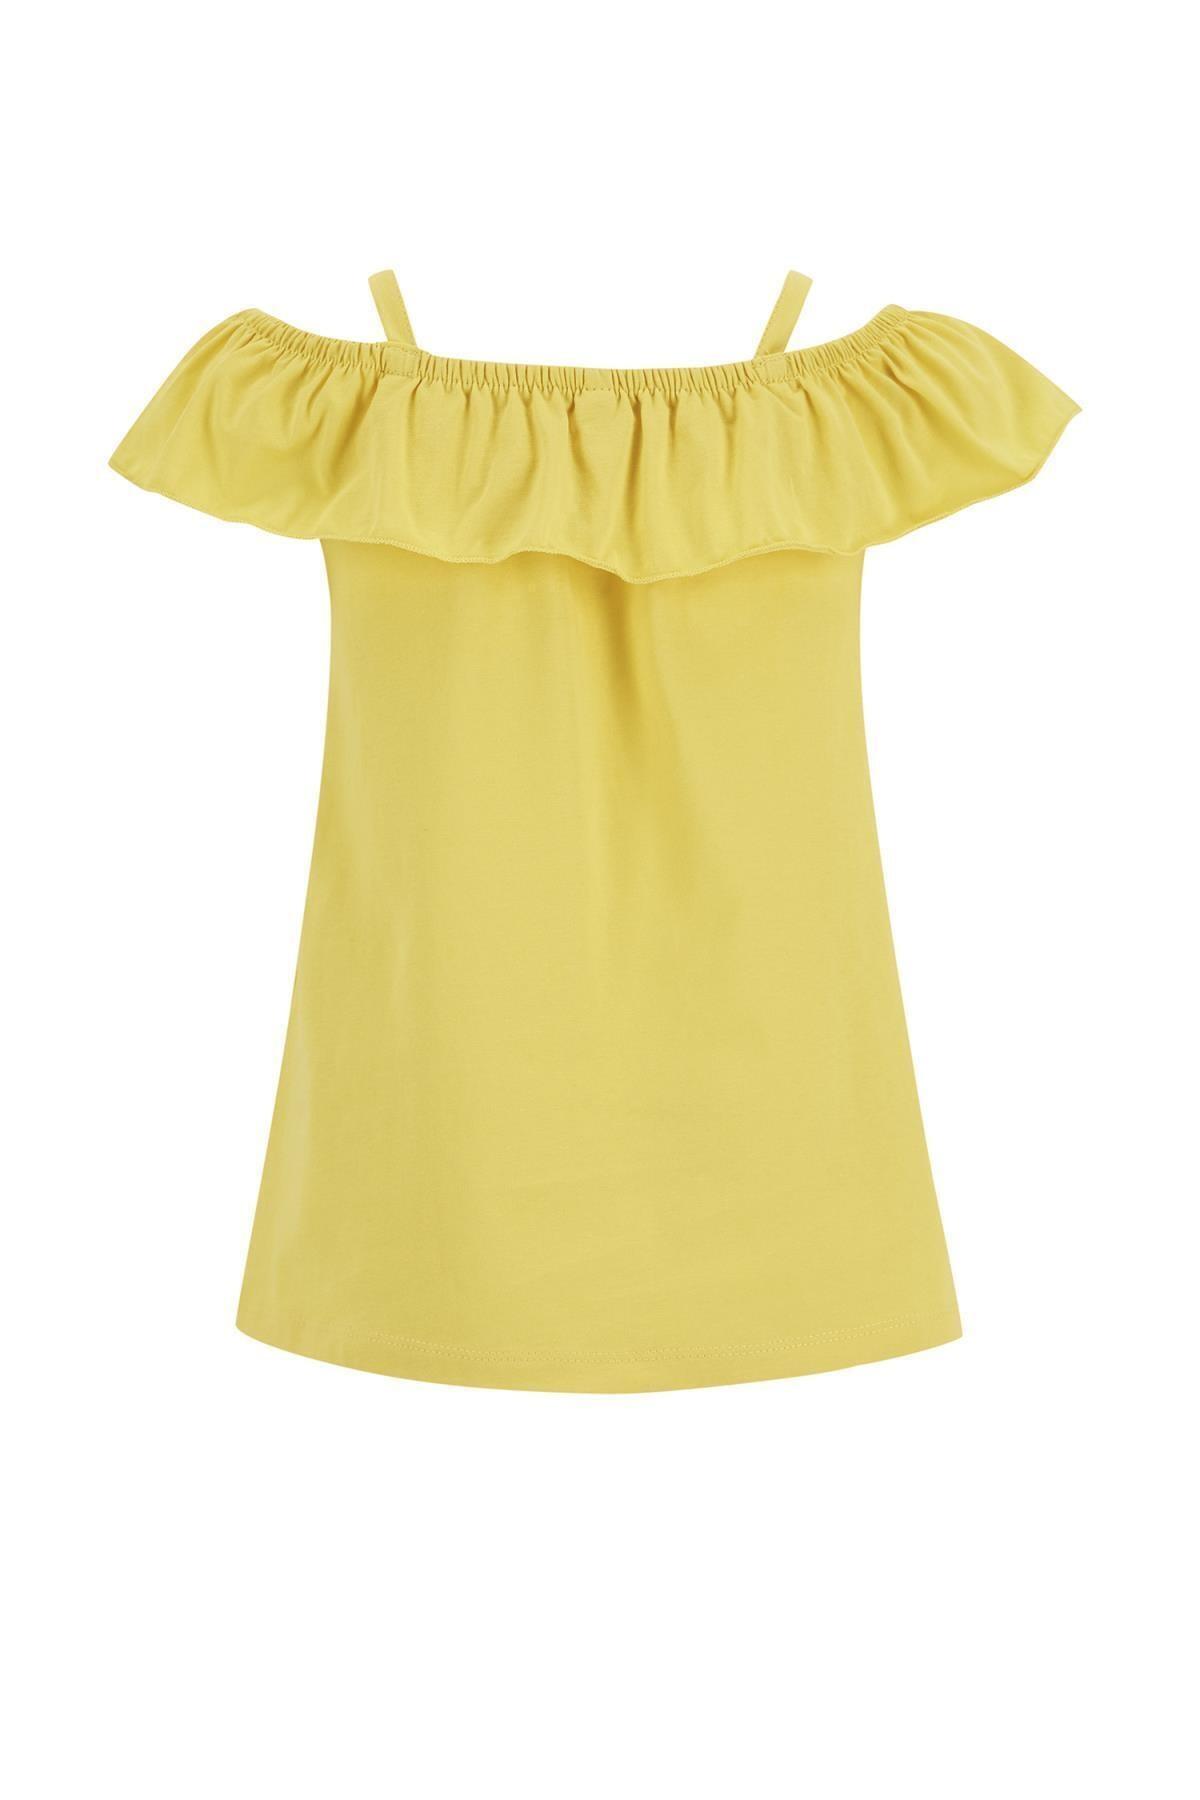 خرید بلوز دخترانه ترک جدید برند دفاکتو رنگ زرد ty92804250